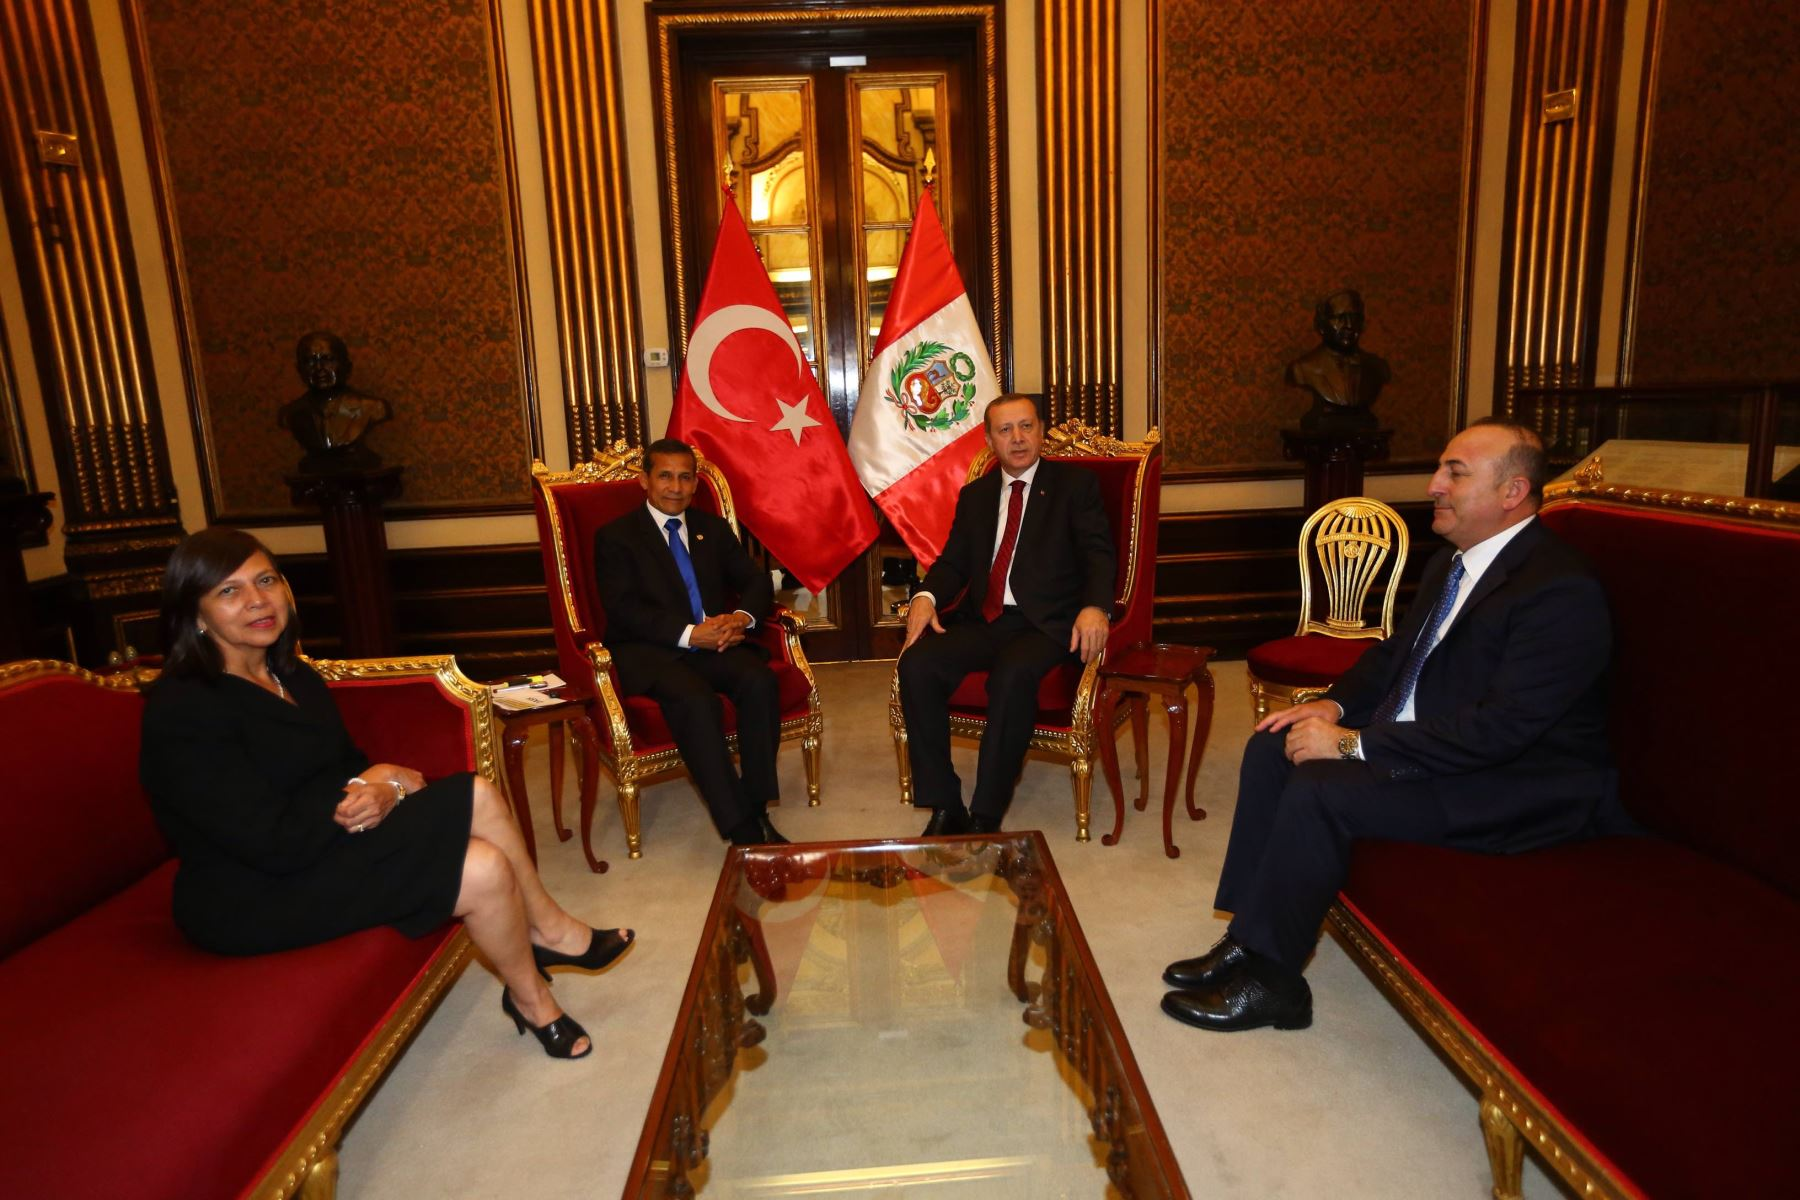 Presidente de Turquía, Recep Tayyip Erdogan, se reunión con el presidente Humala en Palacio de Gobierno.